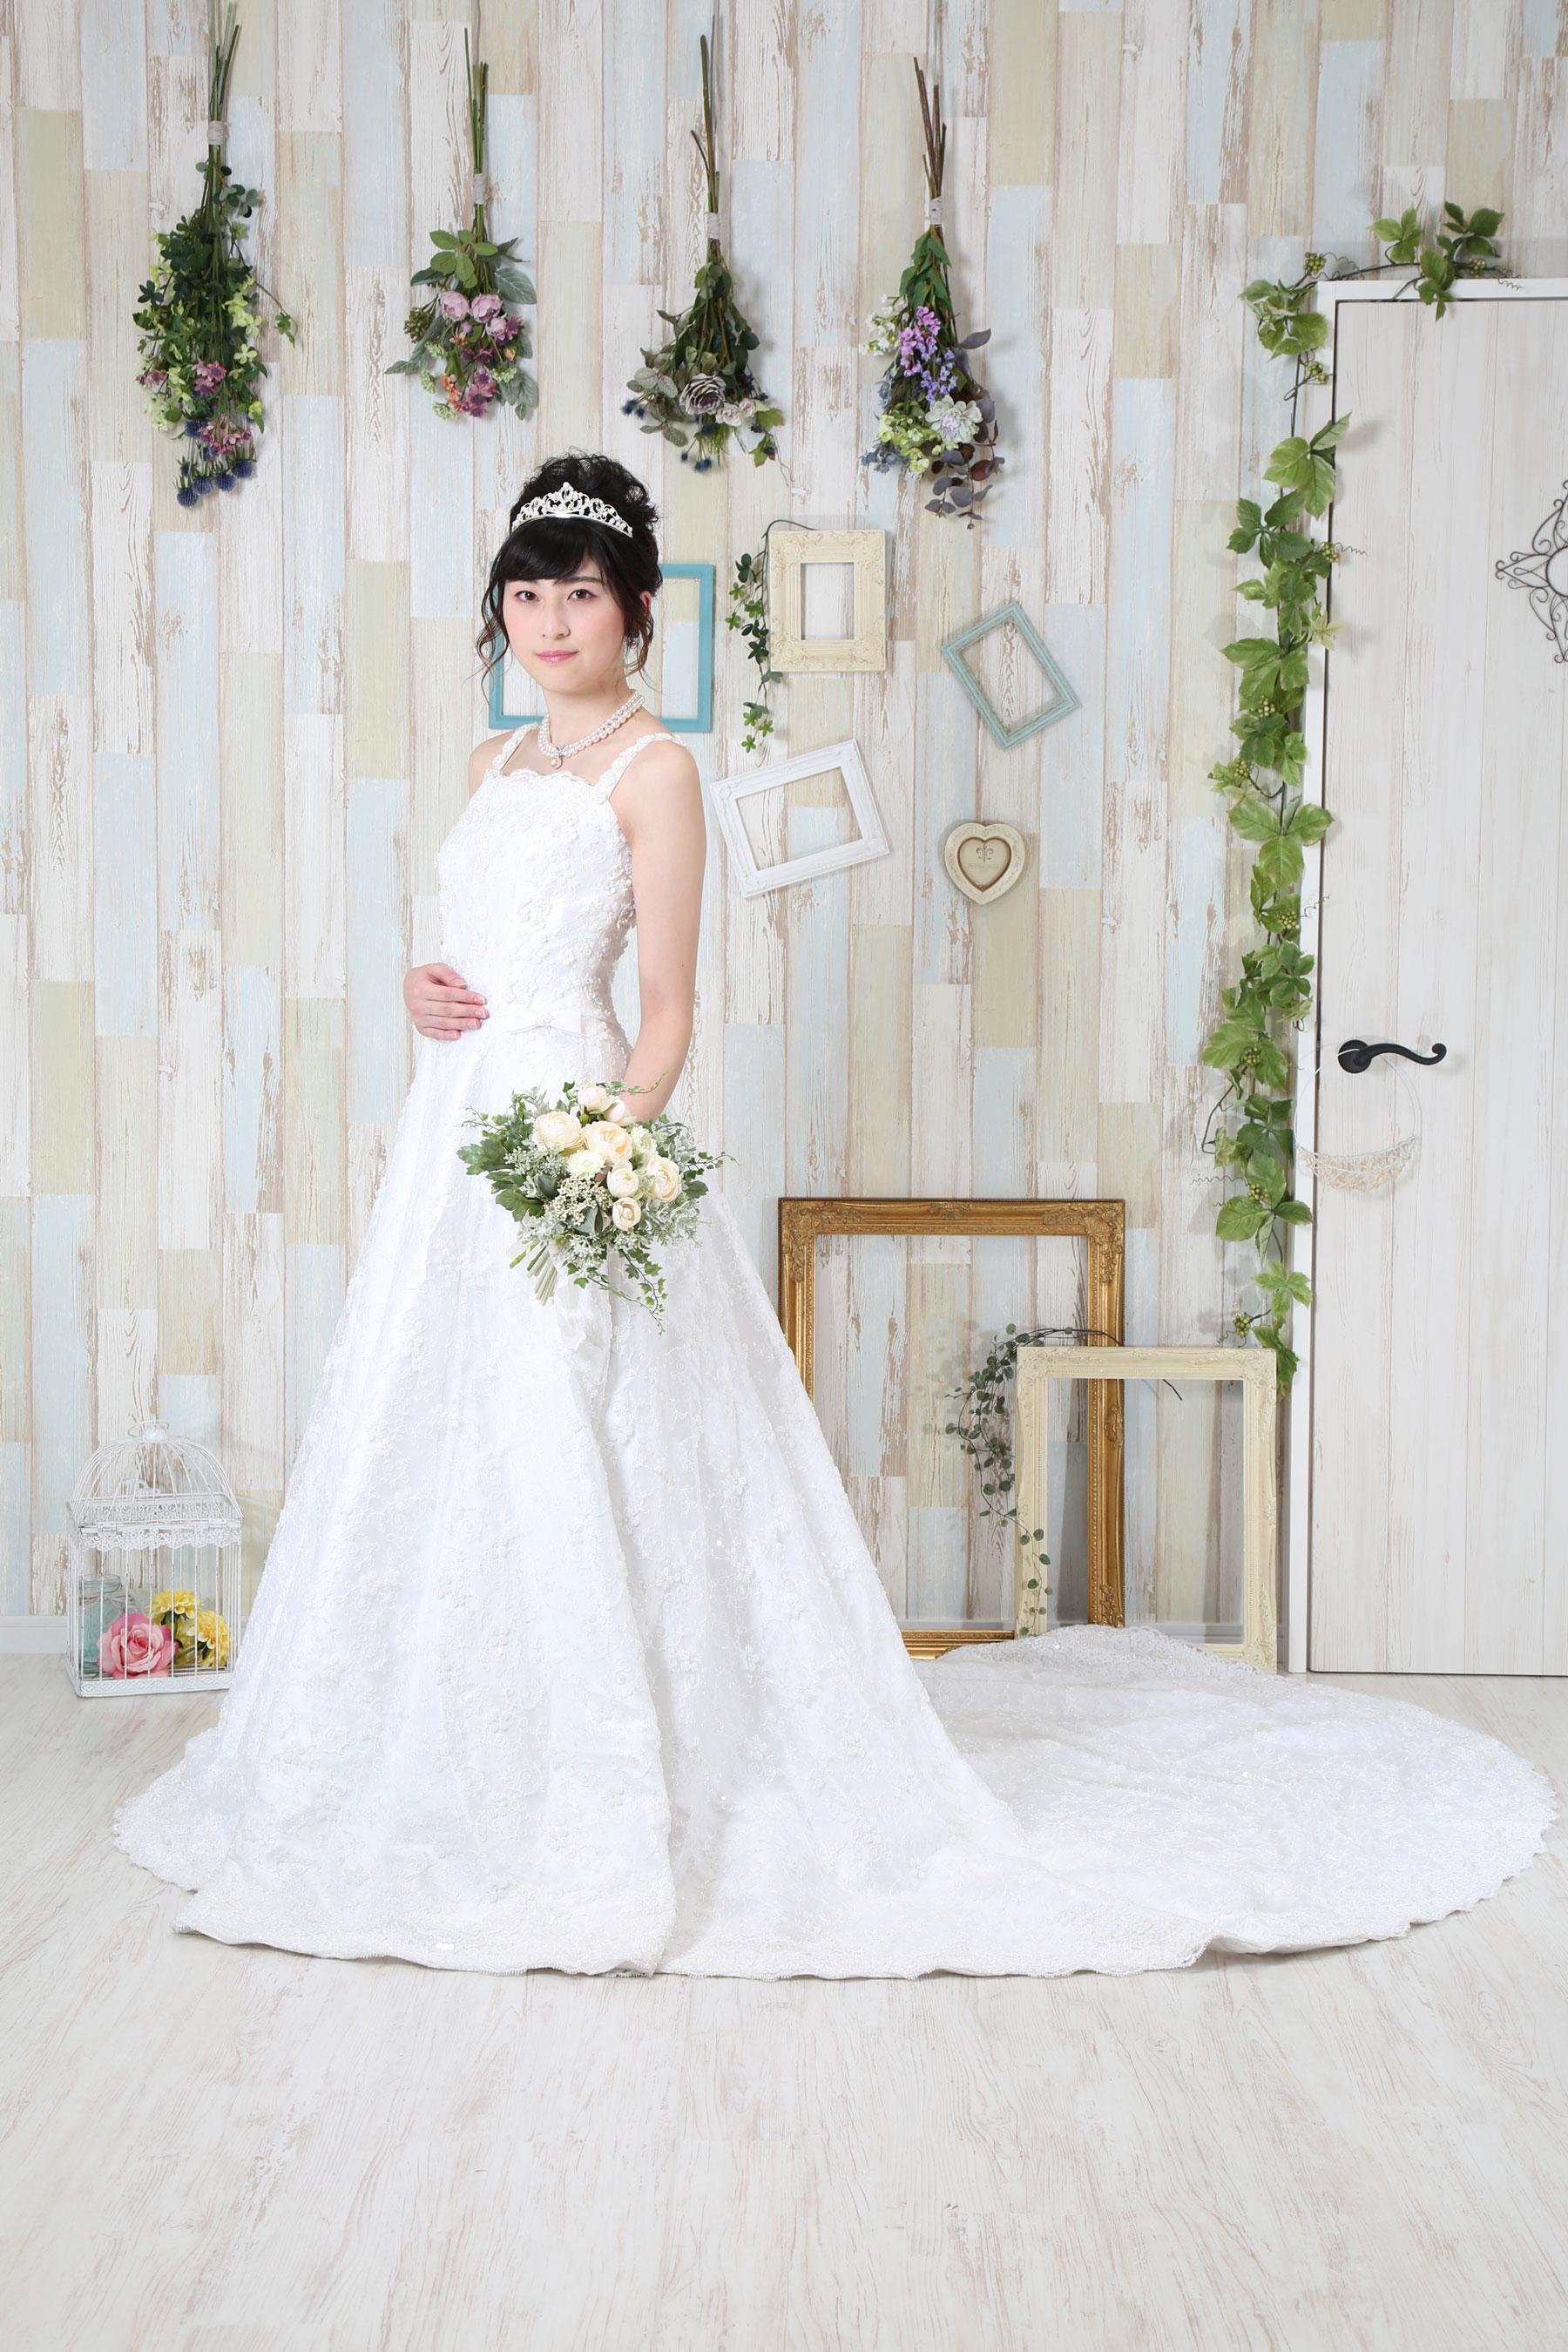 ★20180211-ドレス衣装撮影_144